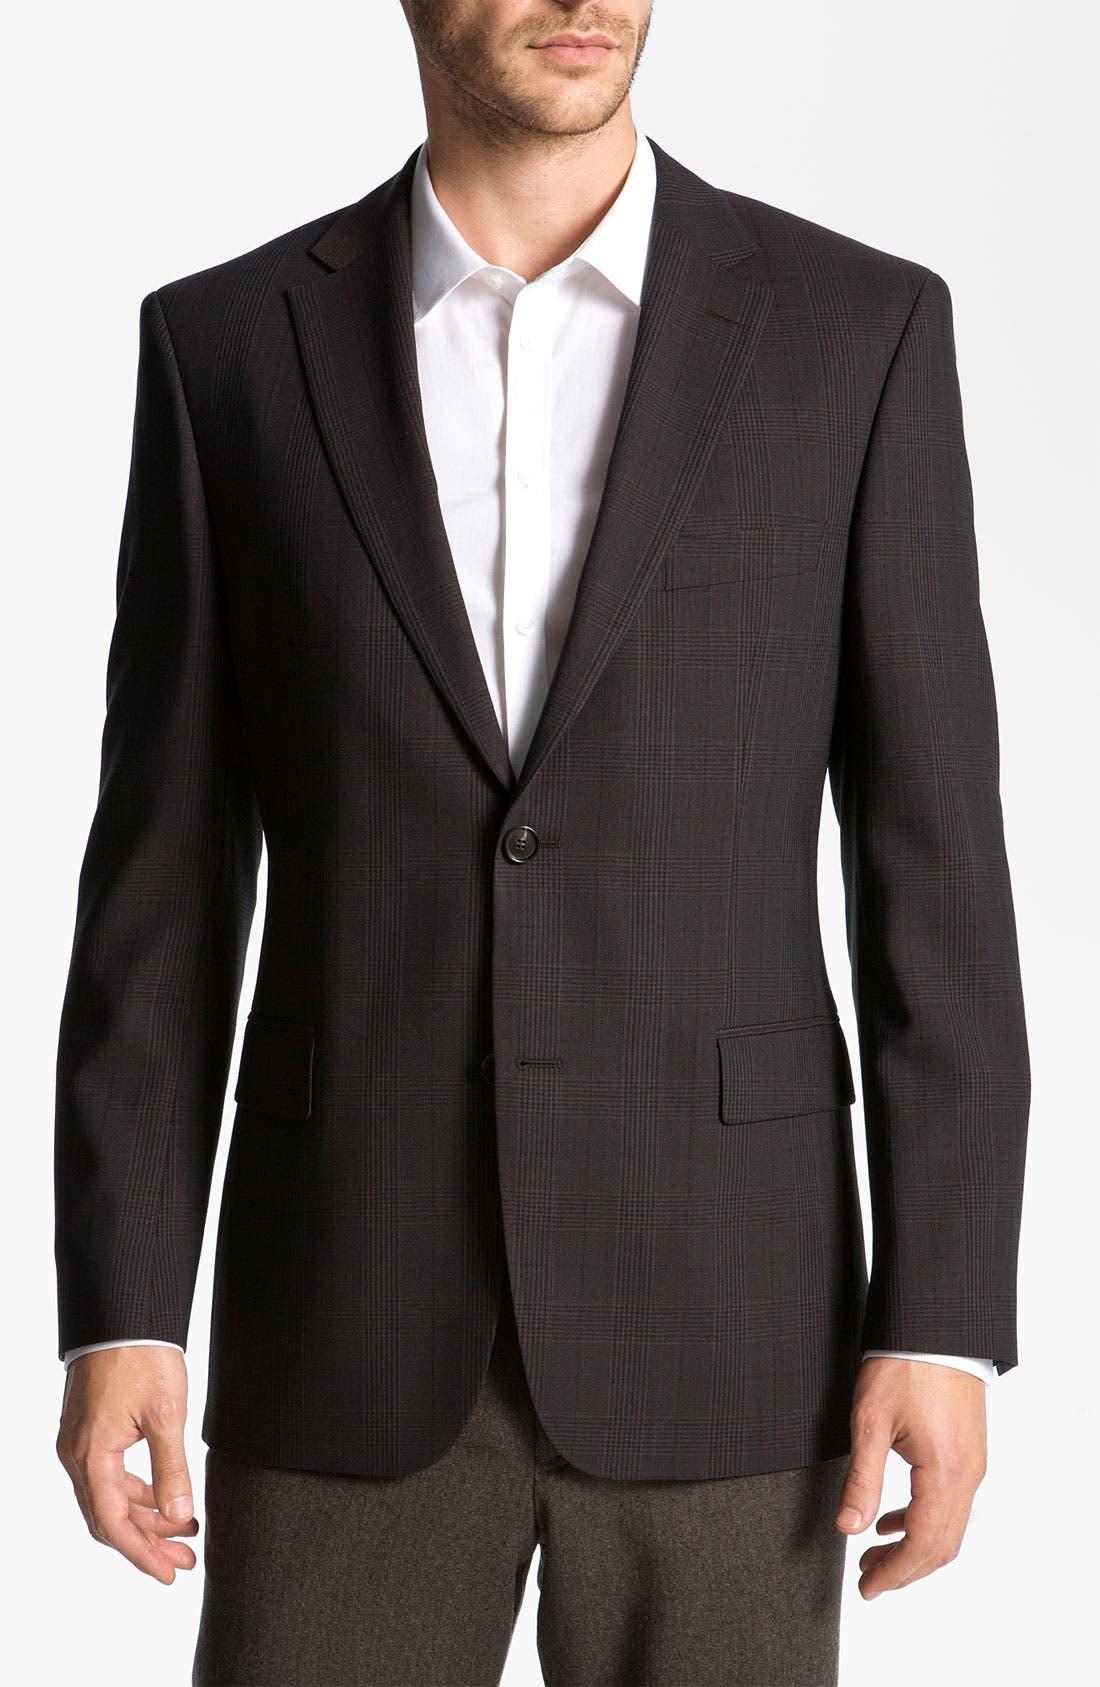 Alternate Image 1 Selected - BOSS Black 'Pasini' Glen Plaid Sportcoat